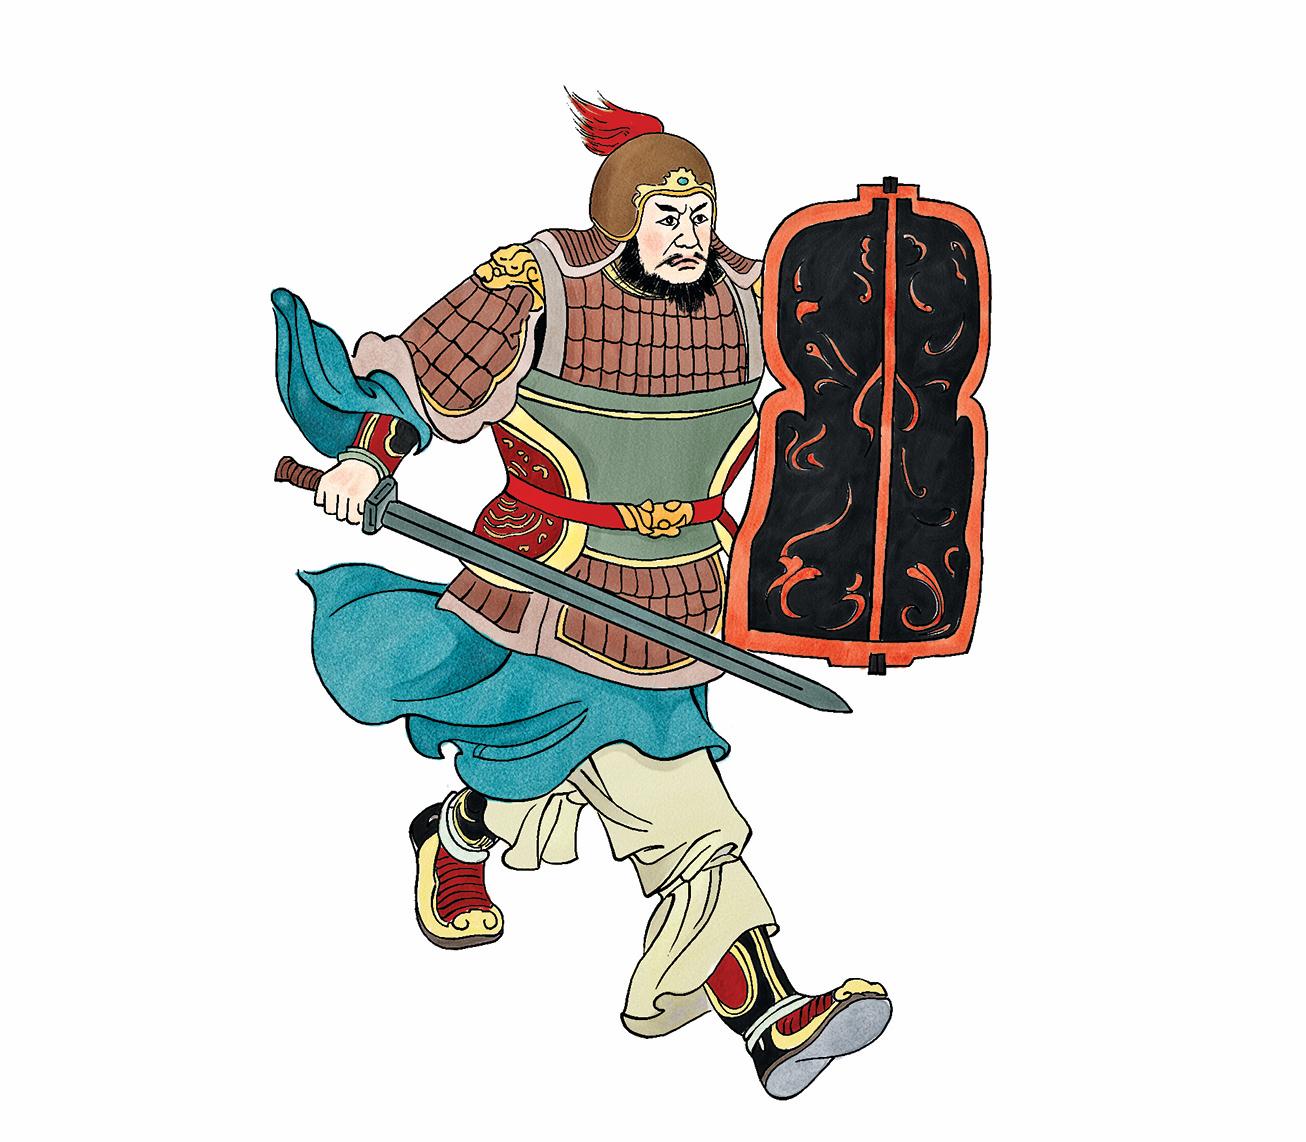 ▲ 鴻門宴上,樊噲闖進大帳,打破了項莊舞劍的僵局。